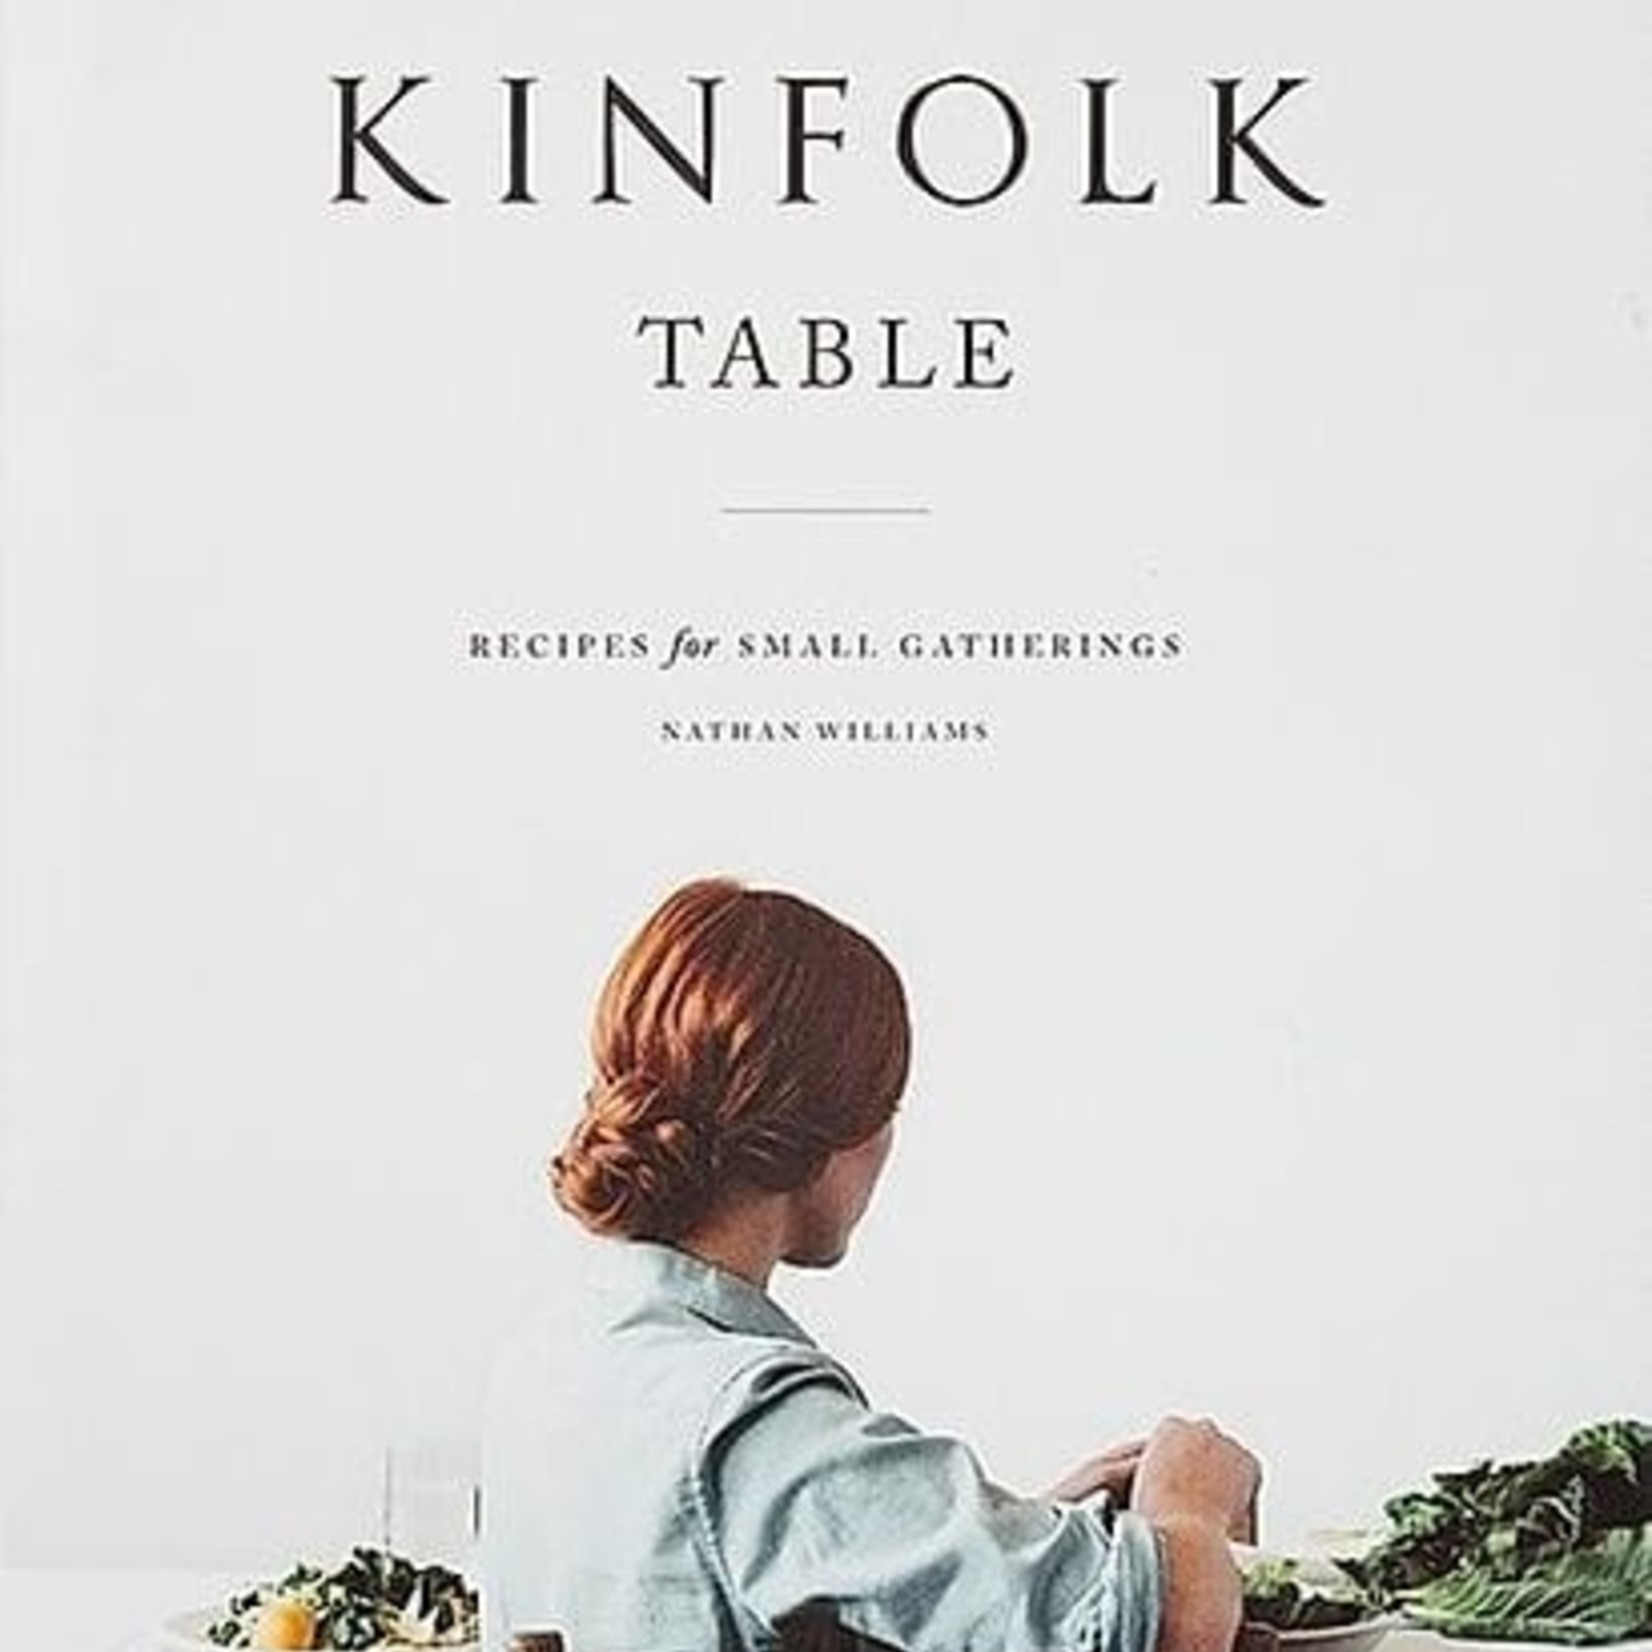 Kinfolk Table